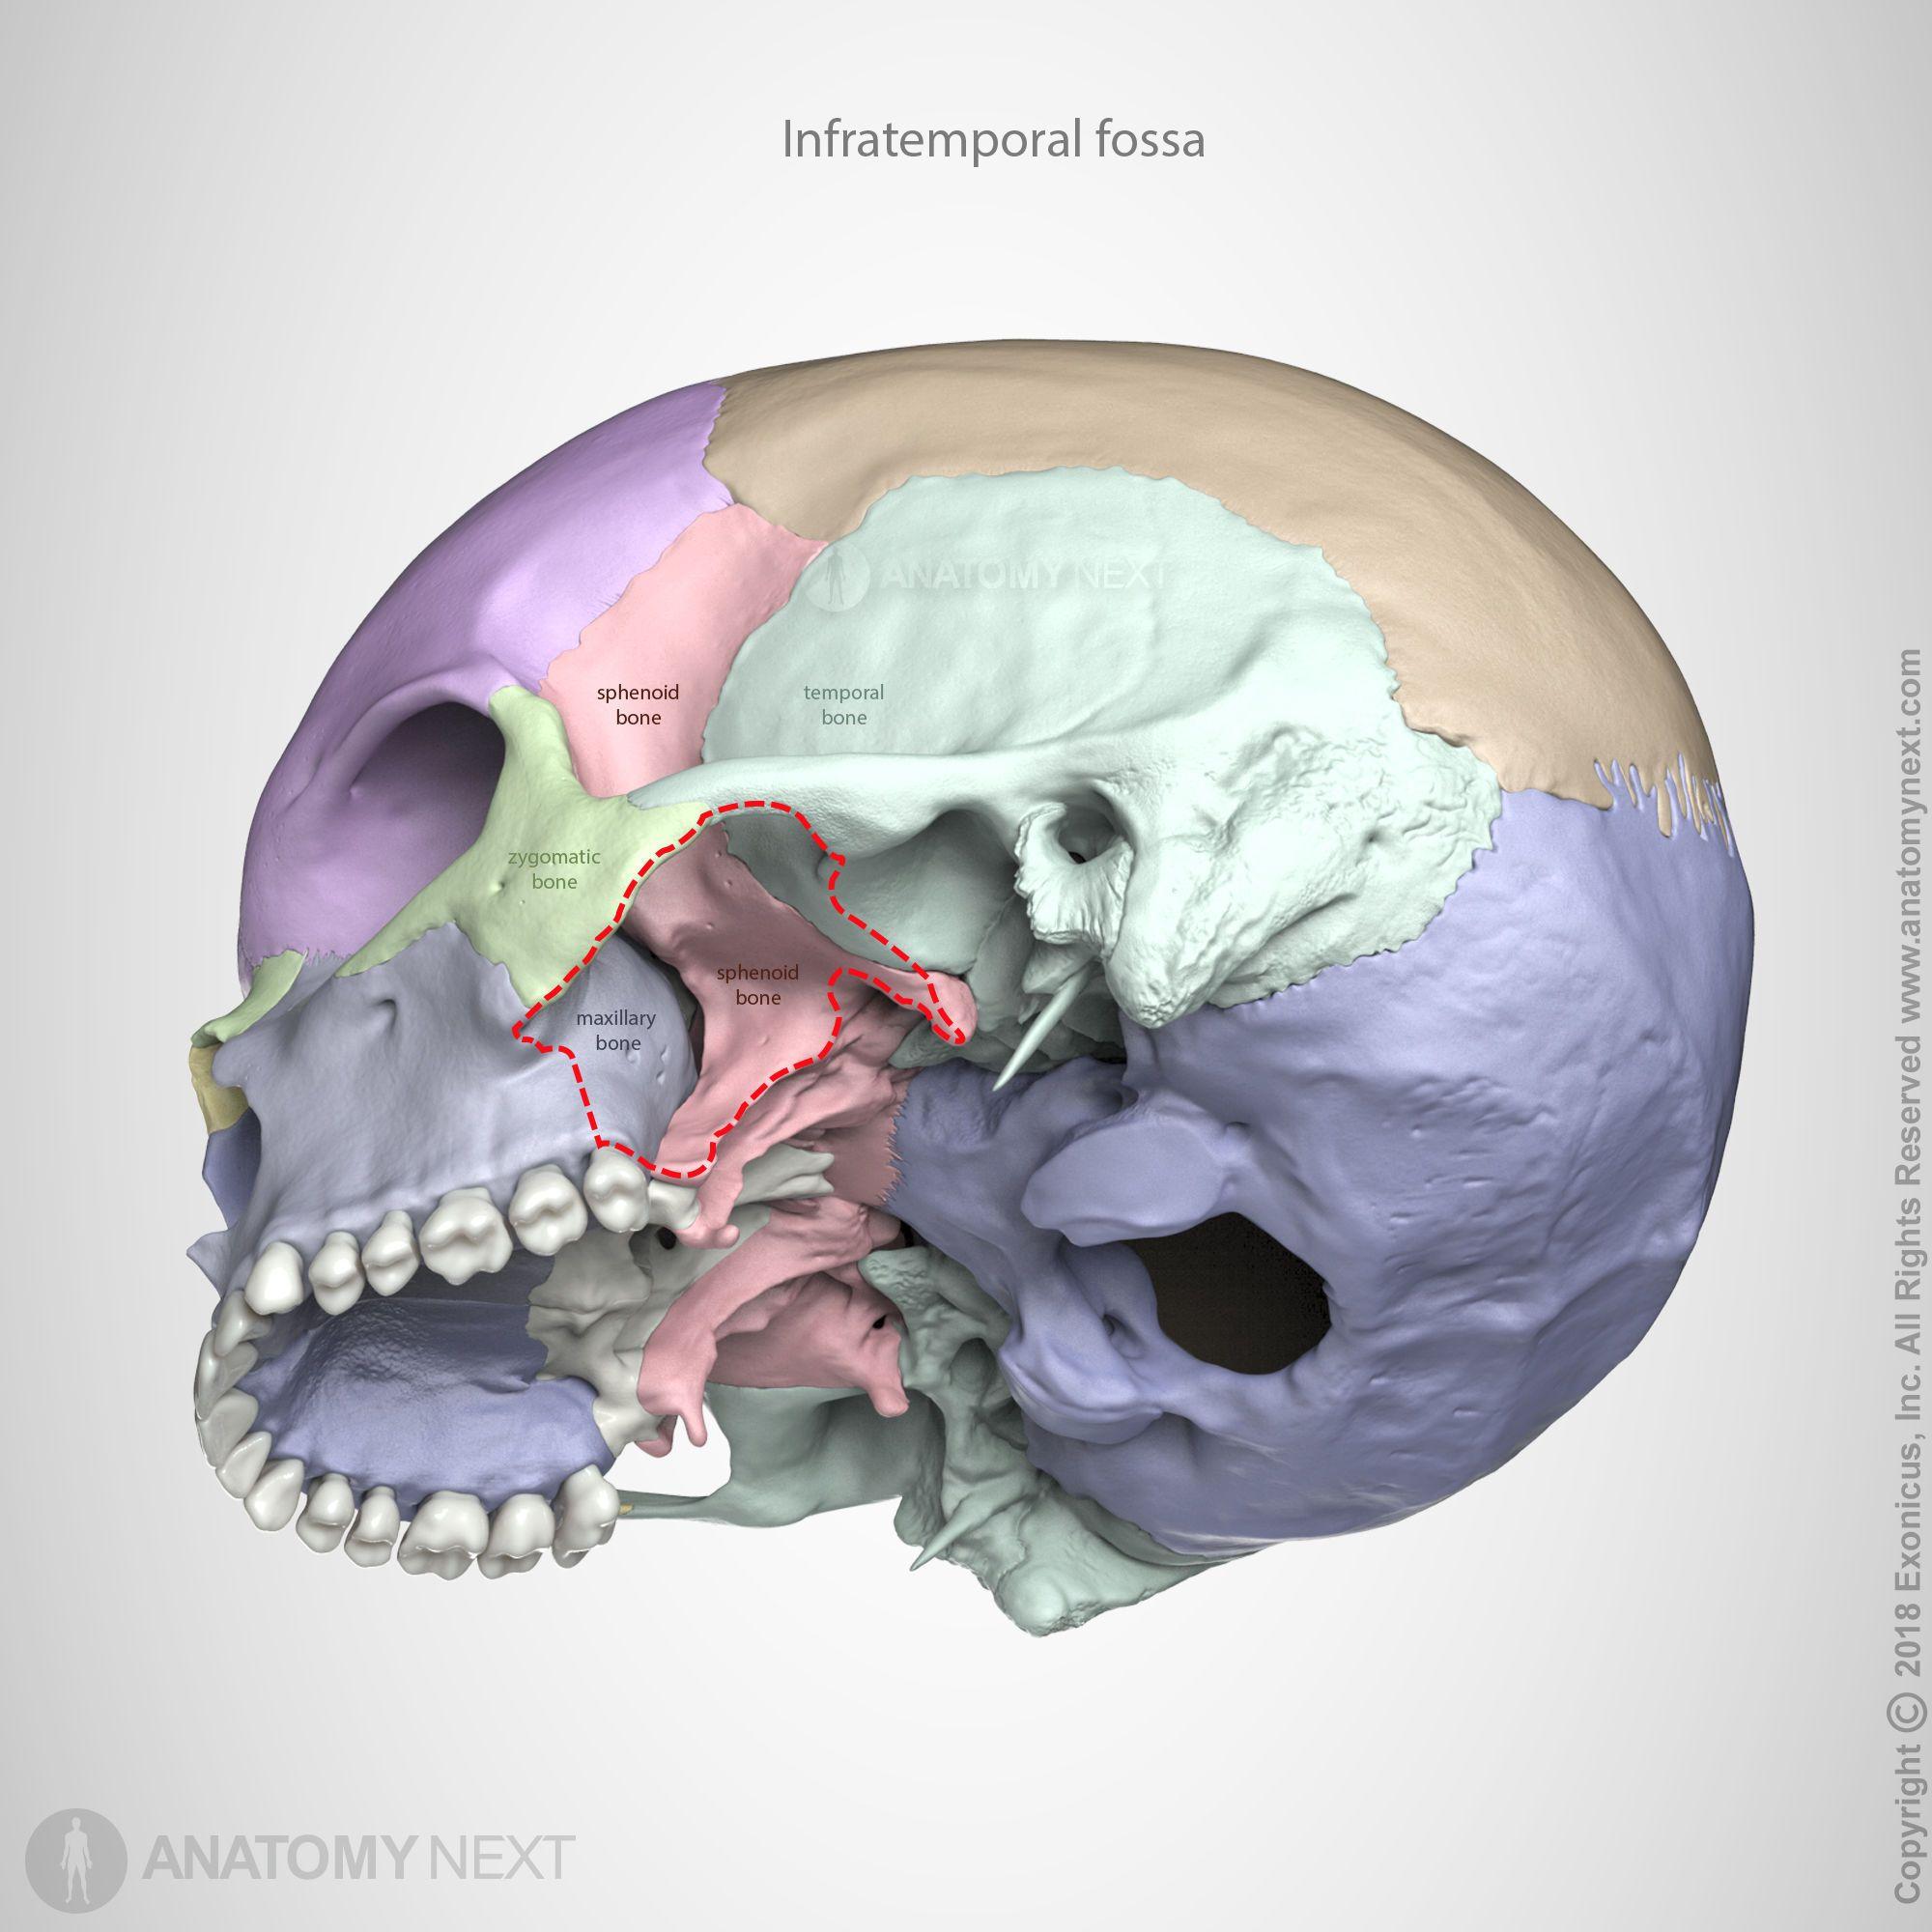 Infratemporal Fossa Cabeca E Pescoco Anatomia Ossos Conselhos Para Desenho Anteroinferiorly it articulates with the vomer. infratemporal fossa cabeca e pescoco